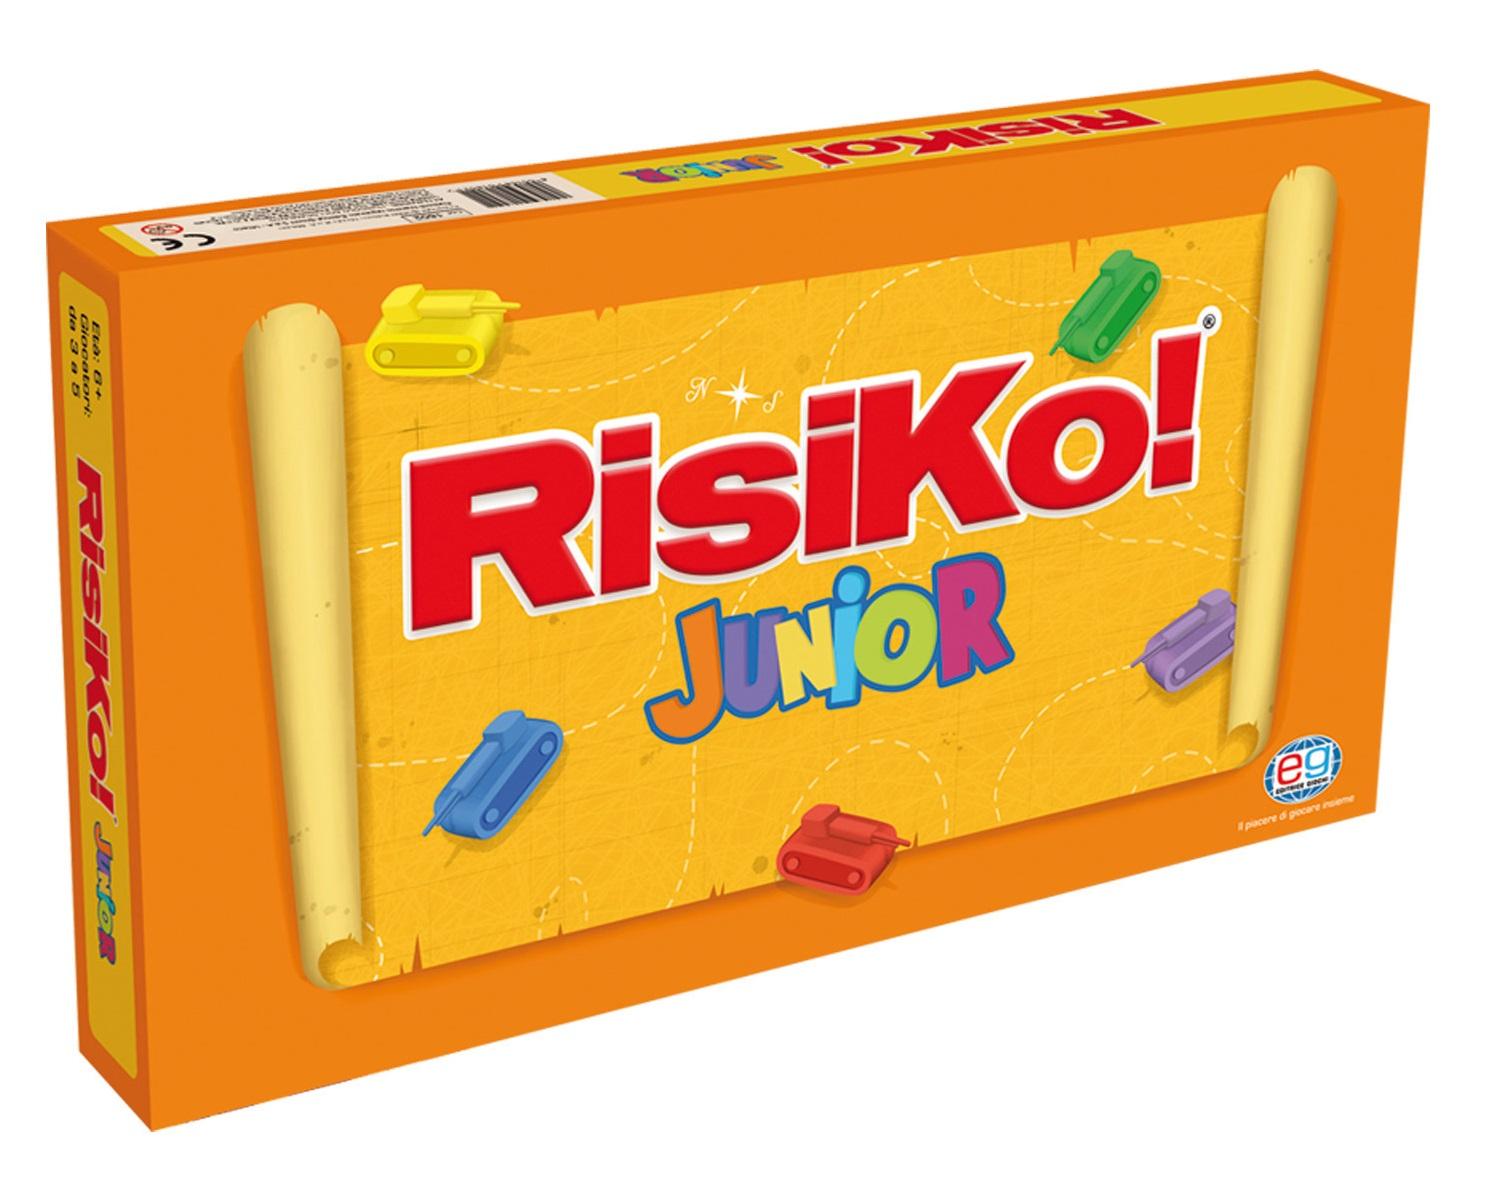 Risiko! Junior